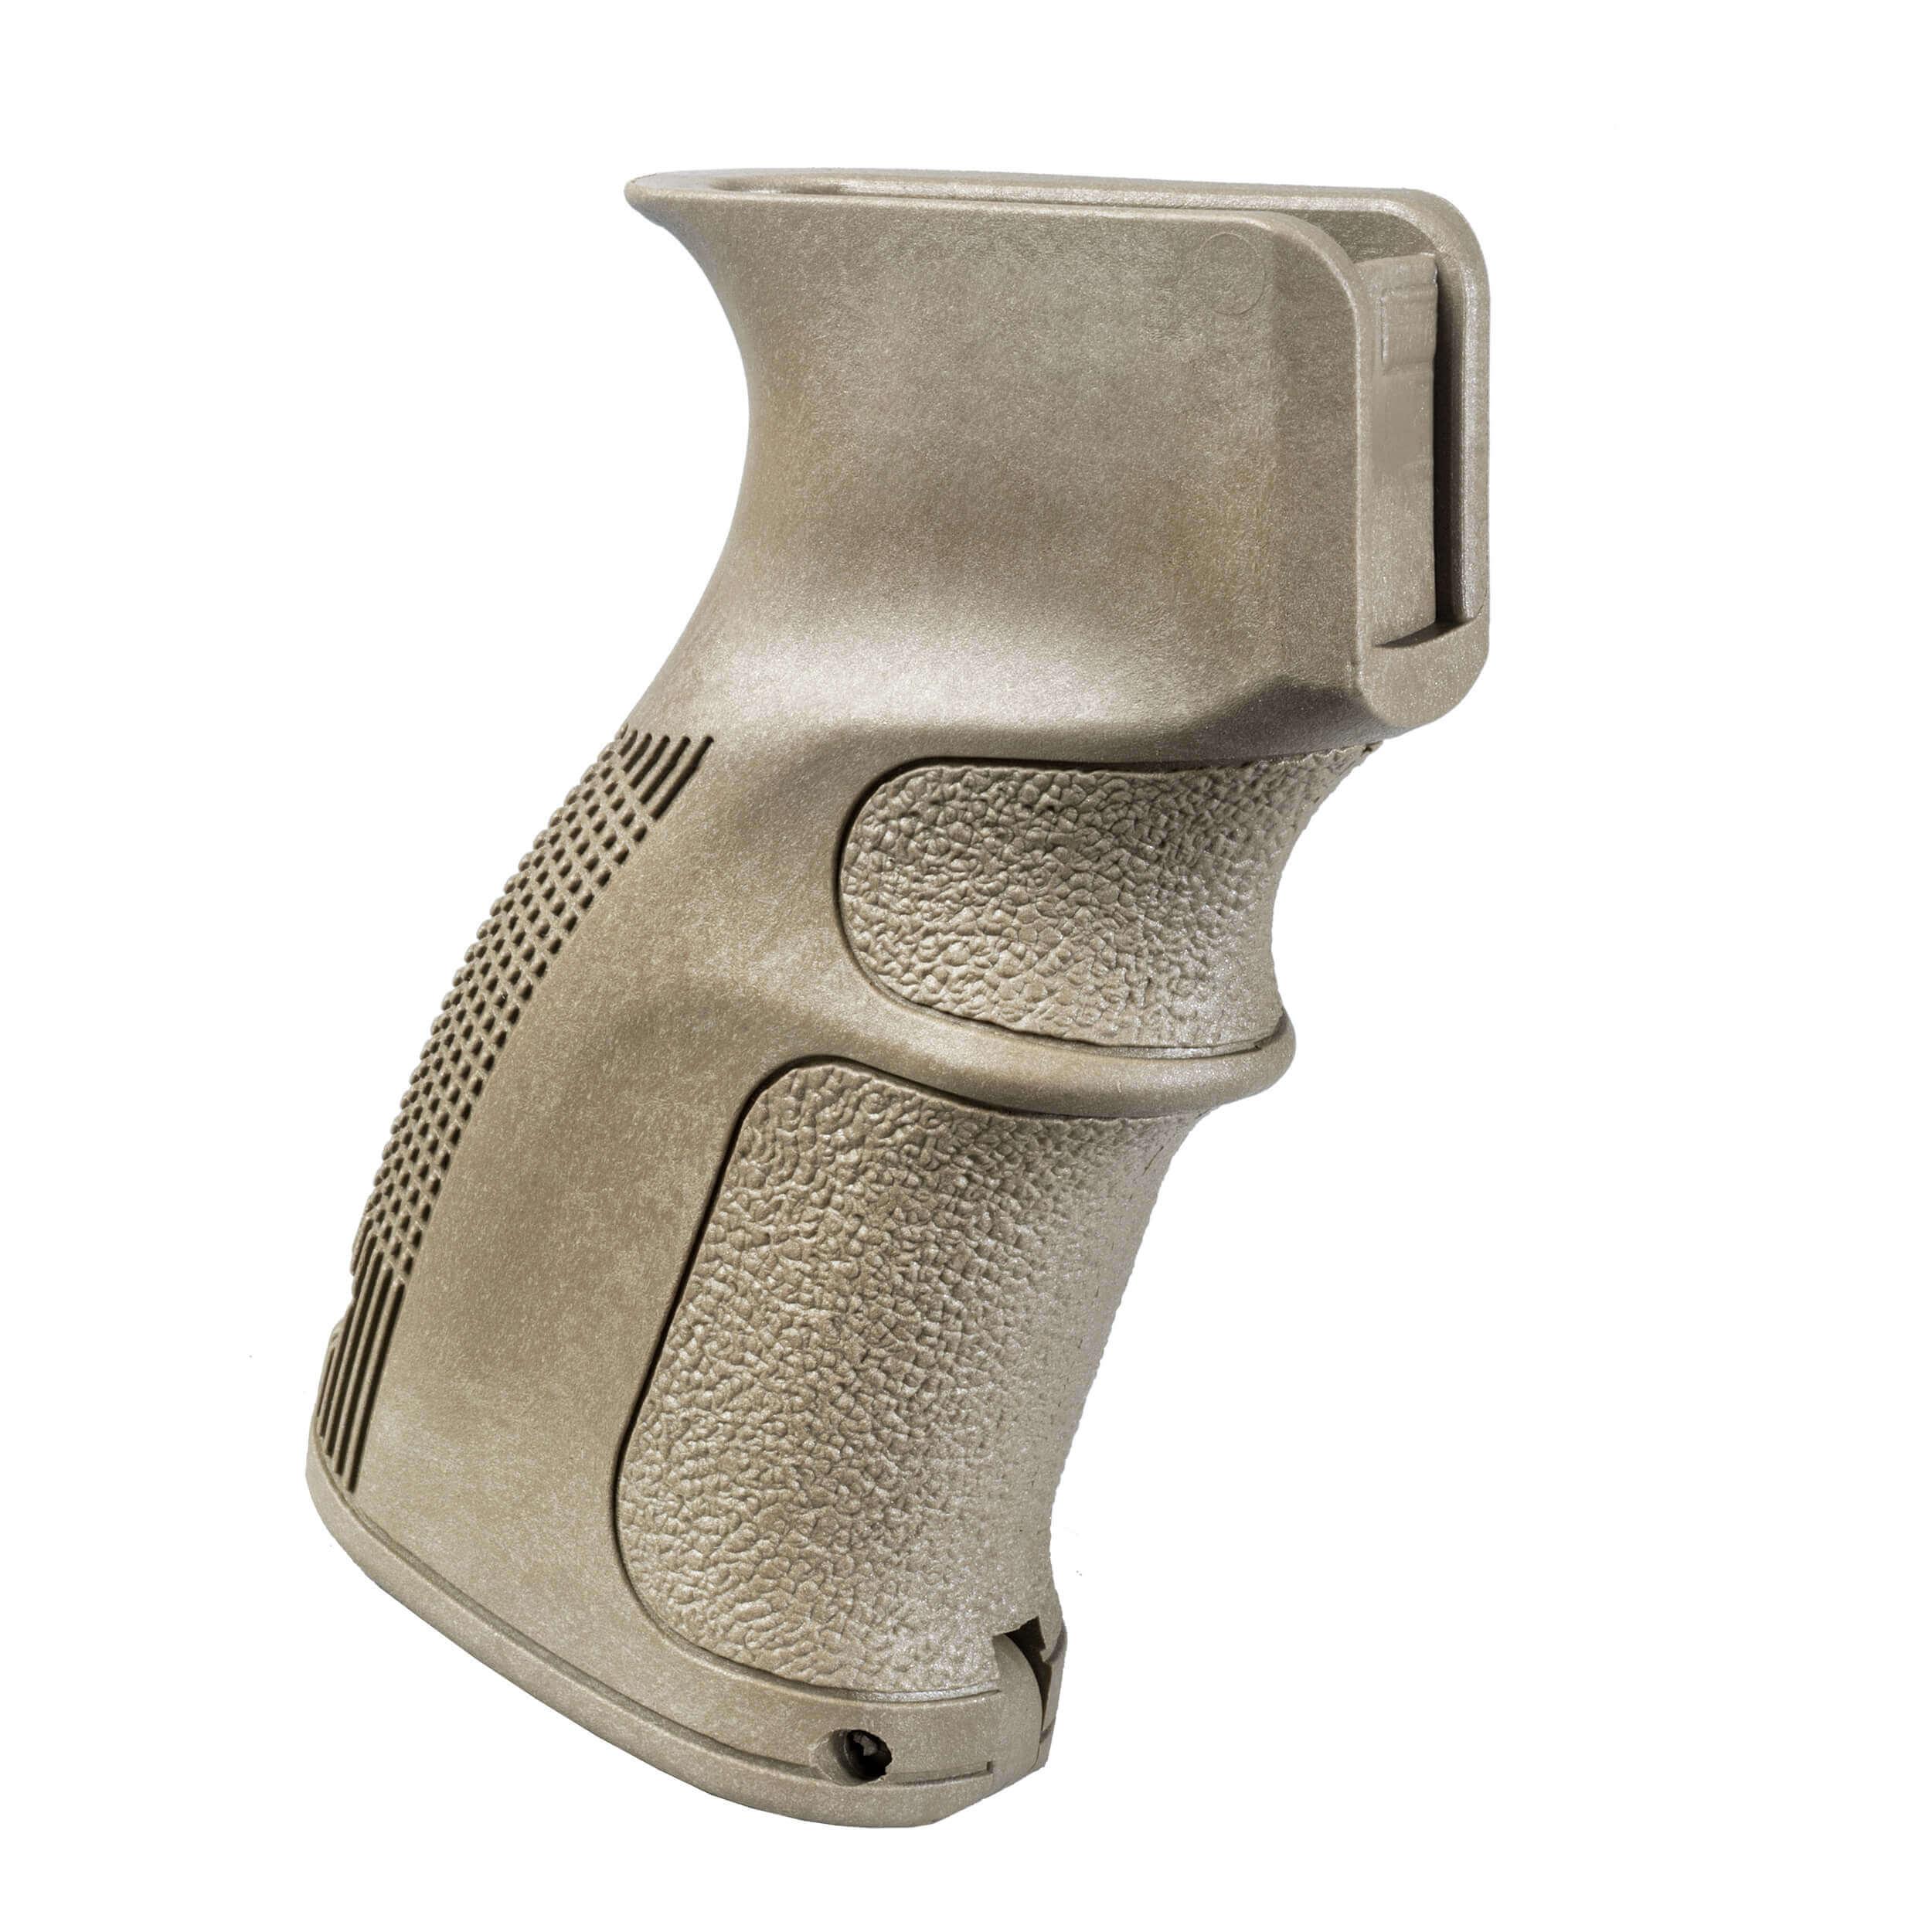 AG-47 Pistol Grip for AK-47 / 74